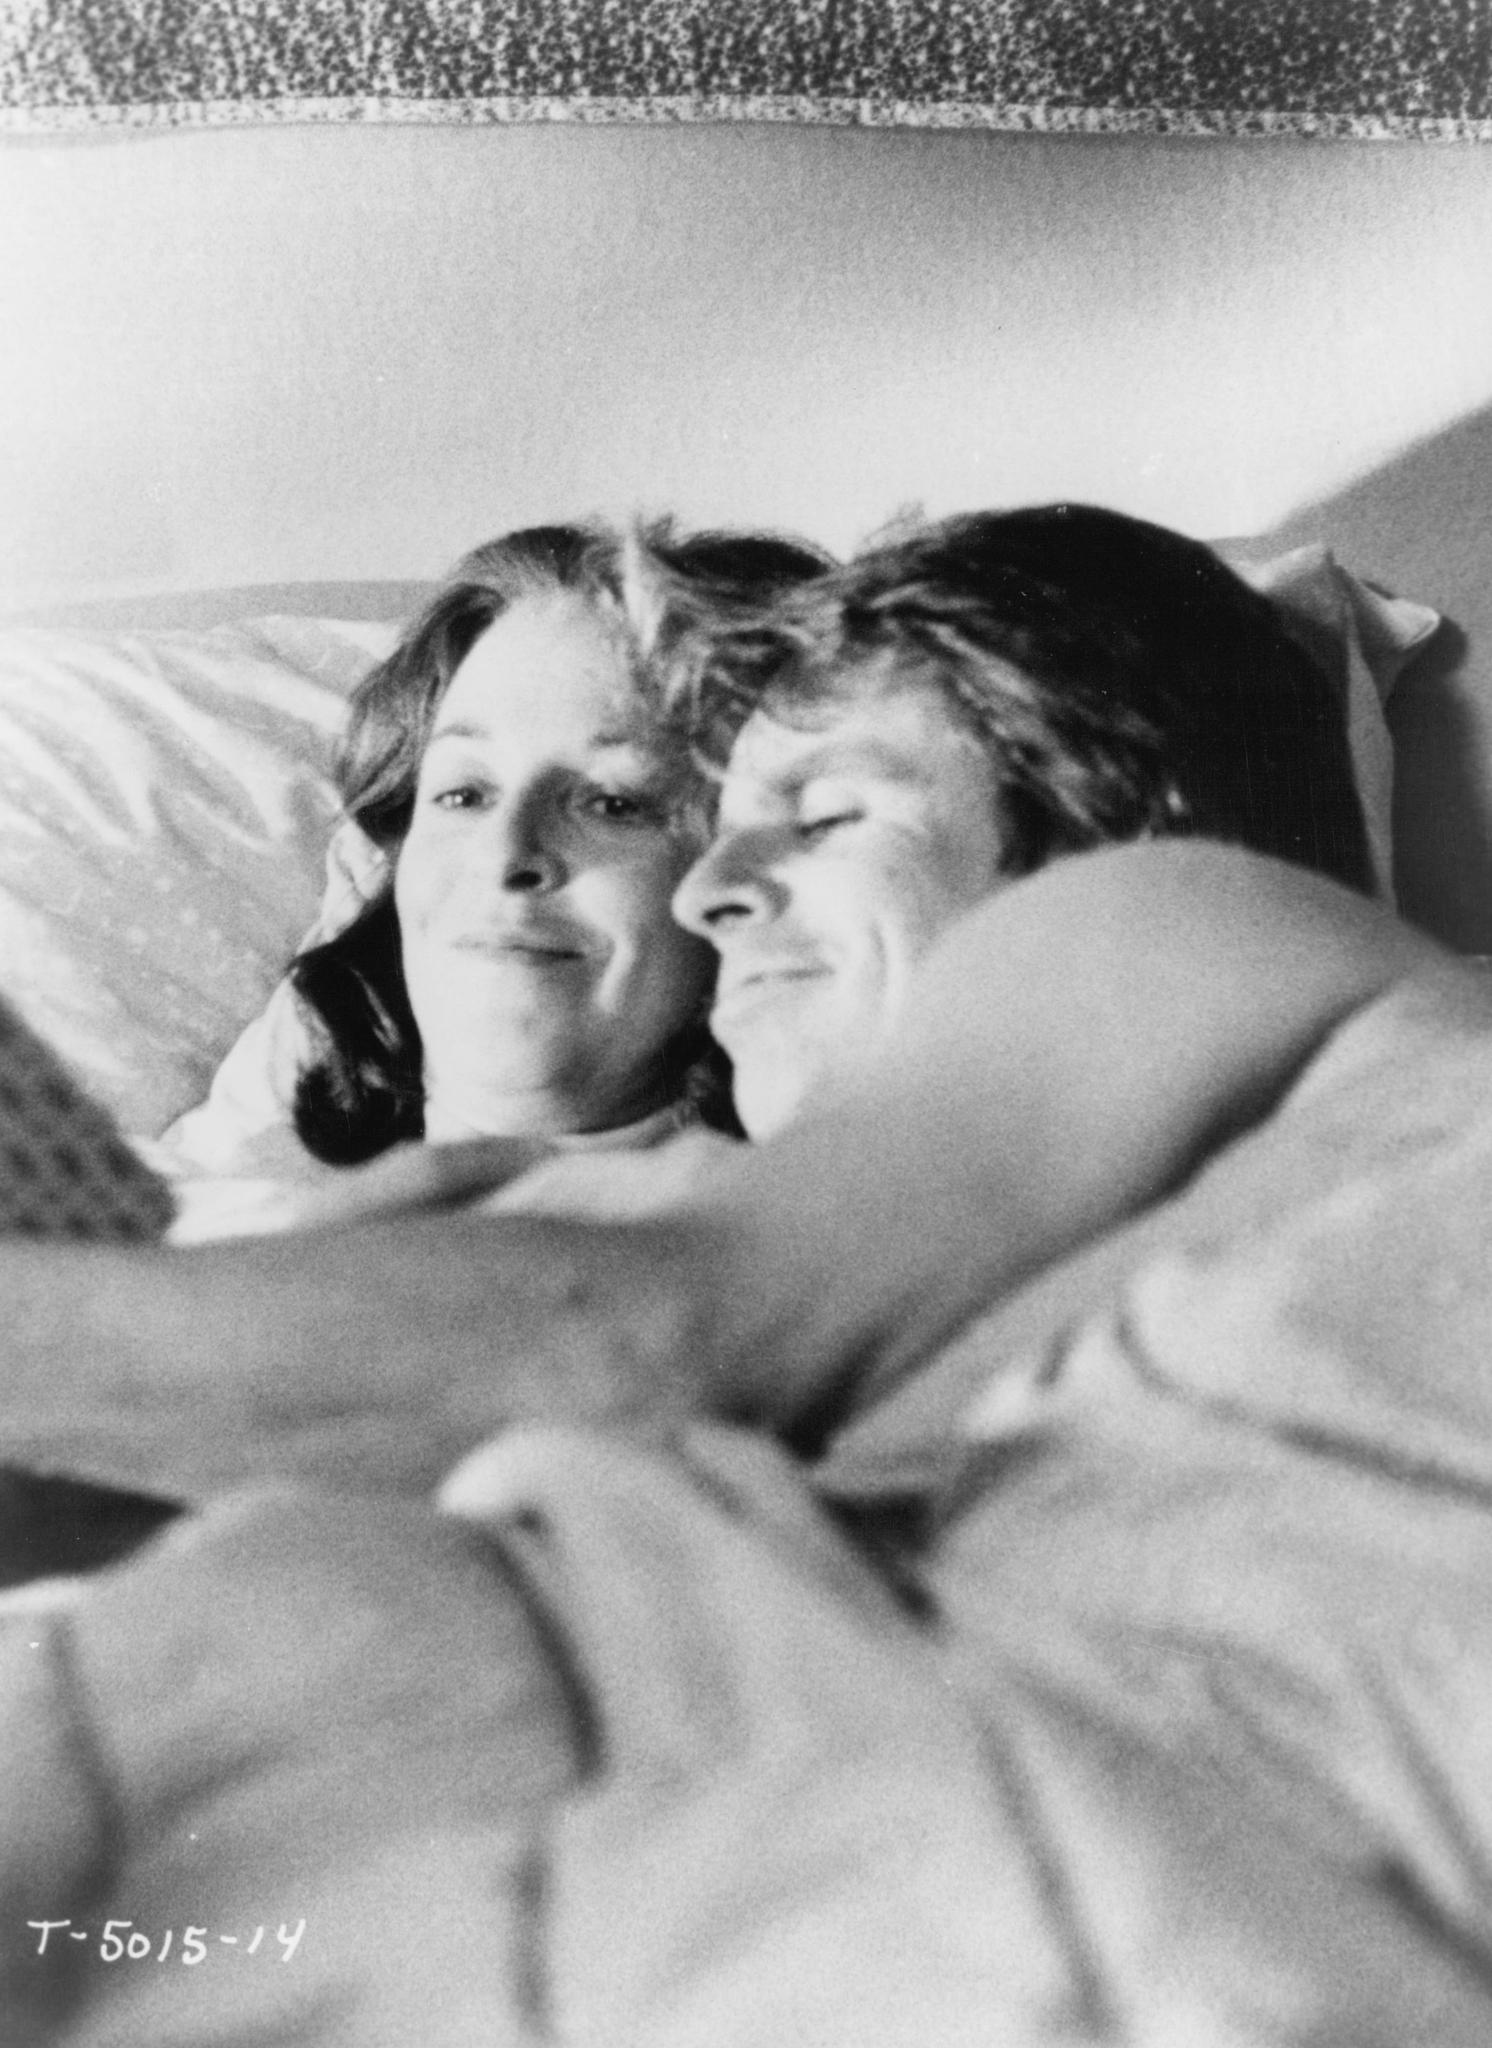 Jane Alexander and William Devane in Testament (1983)